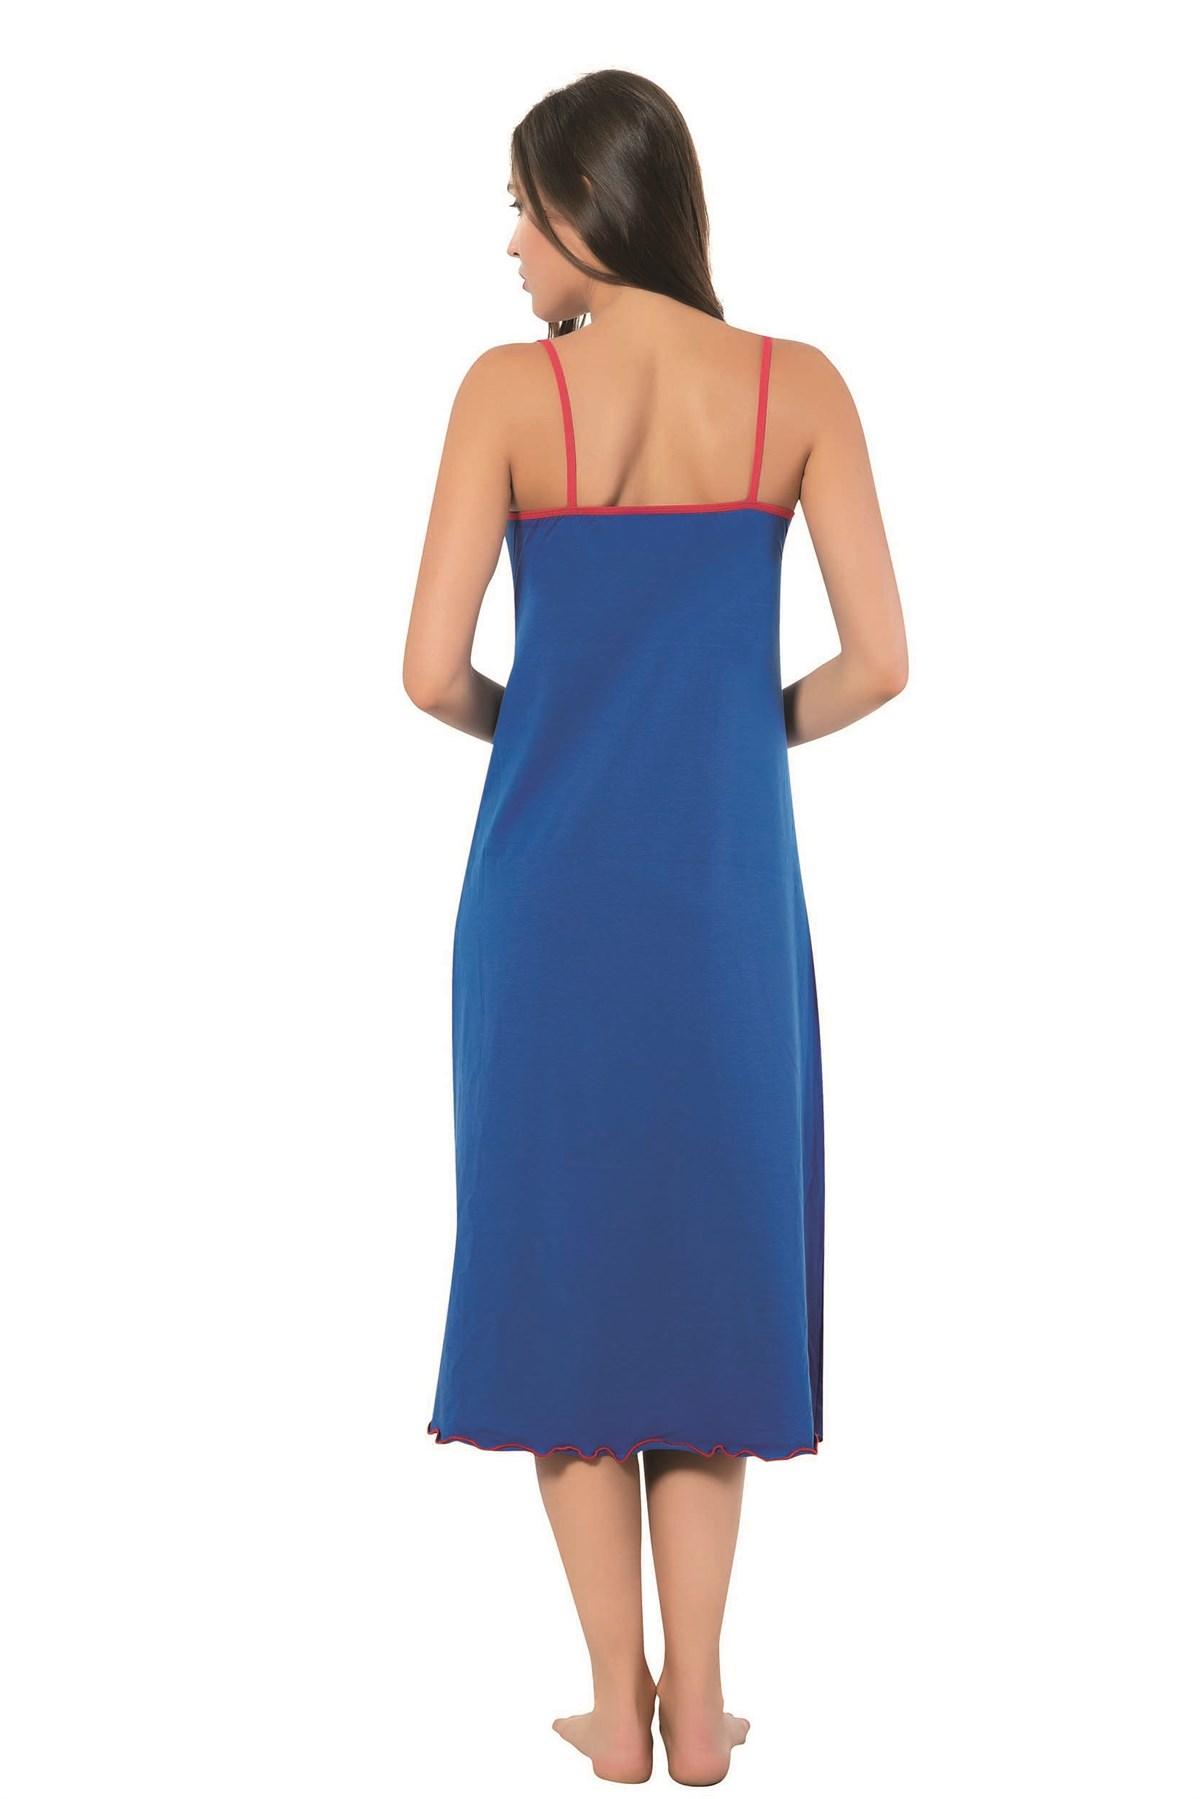 Moda Çizgi Bayan İp Askılı Uzun Gecelik 905